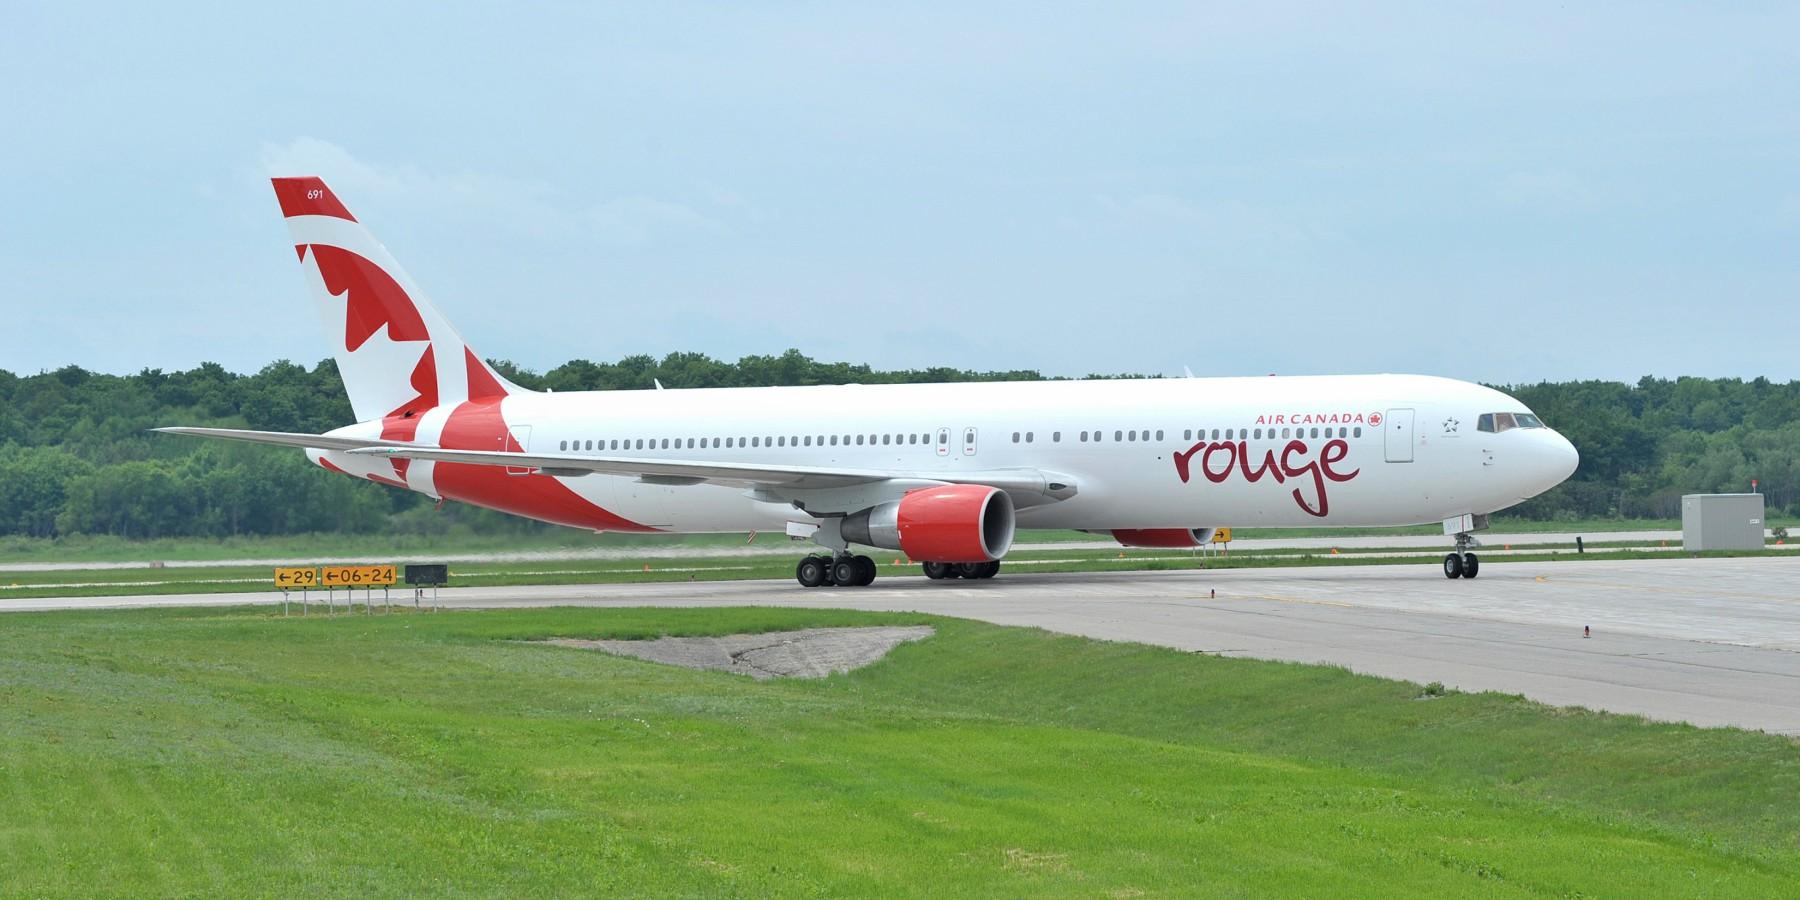 Air Canada Rouge inaugura cuarta frecuencia de vuelos en mayo próximo